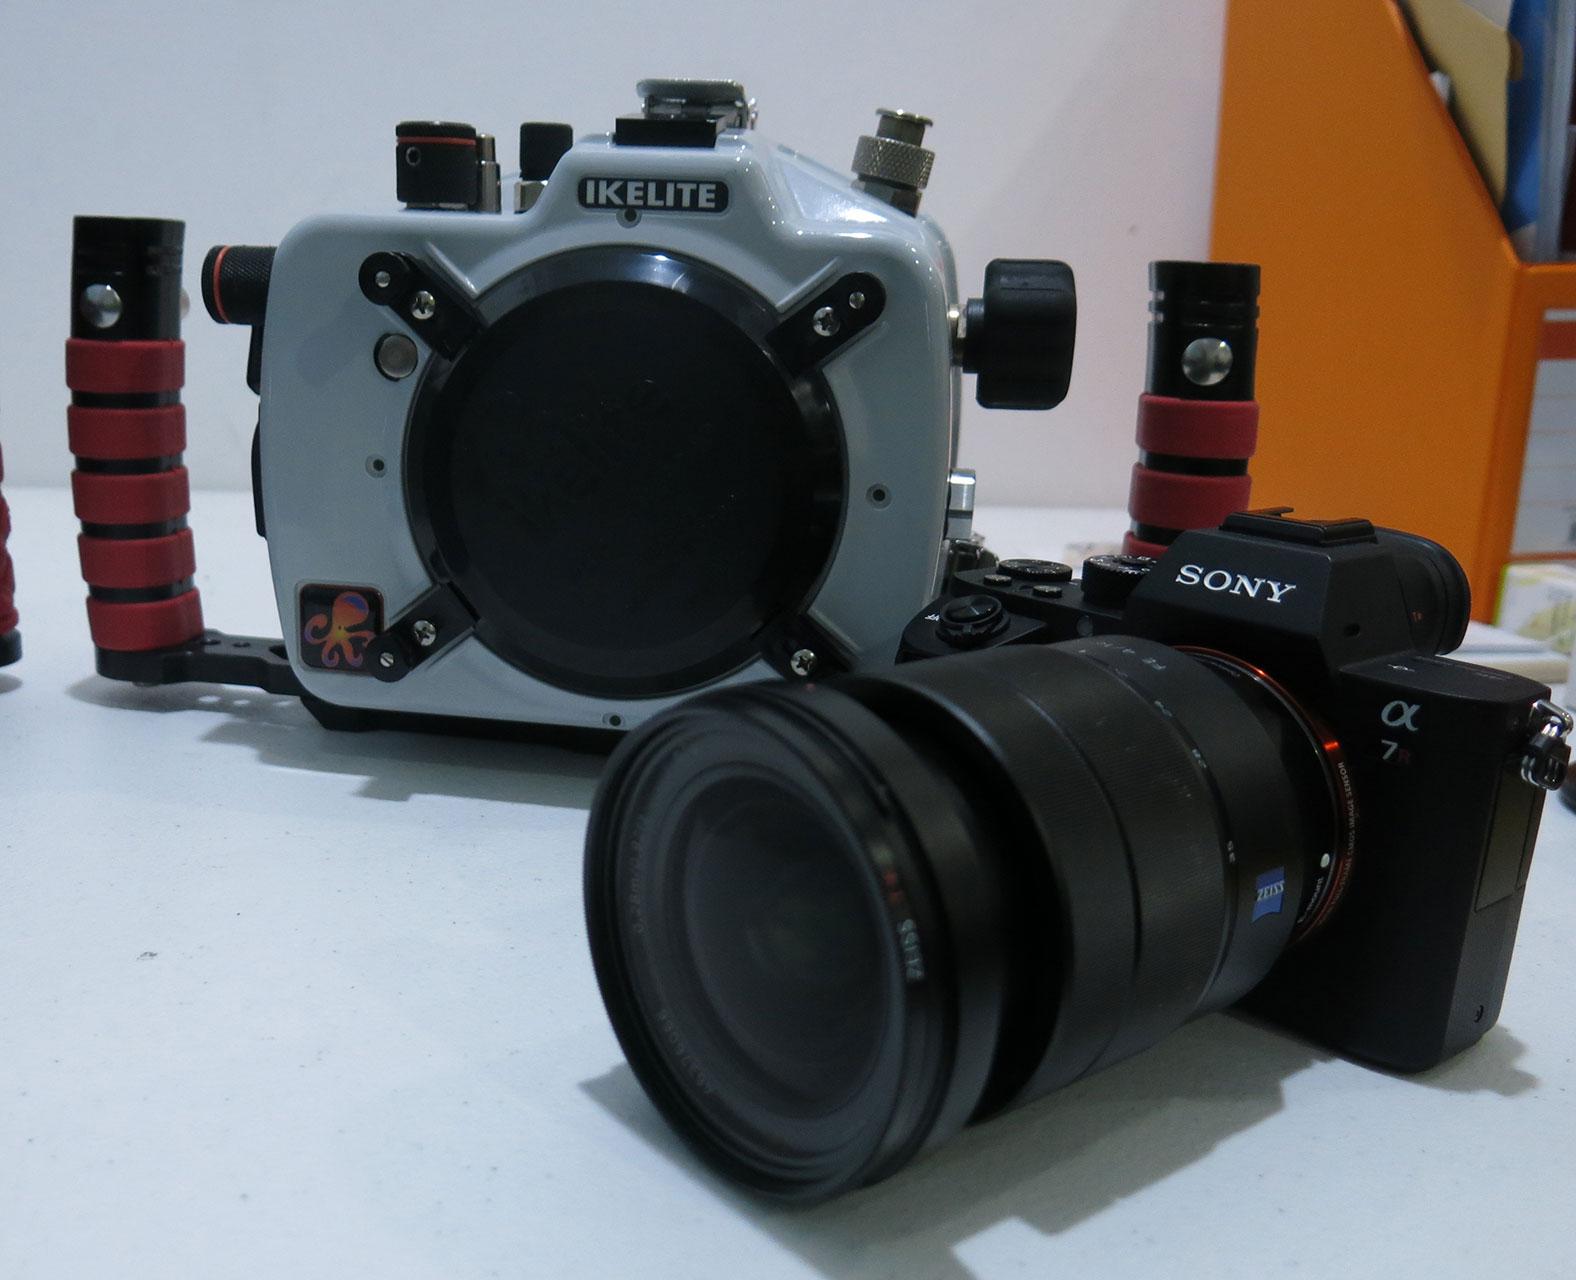 memilih peralatan untuk fotografi underwater 5 - Memilih Peralatan untuk Fotografi Underwater